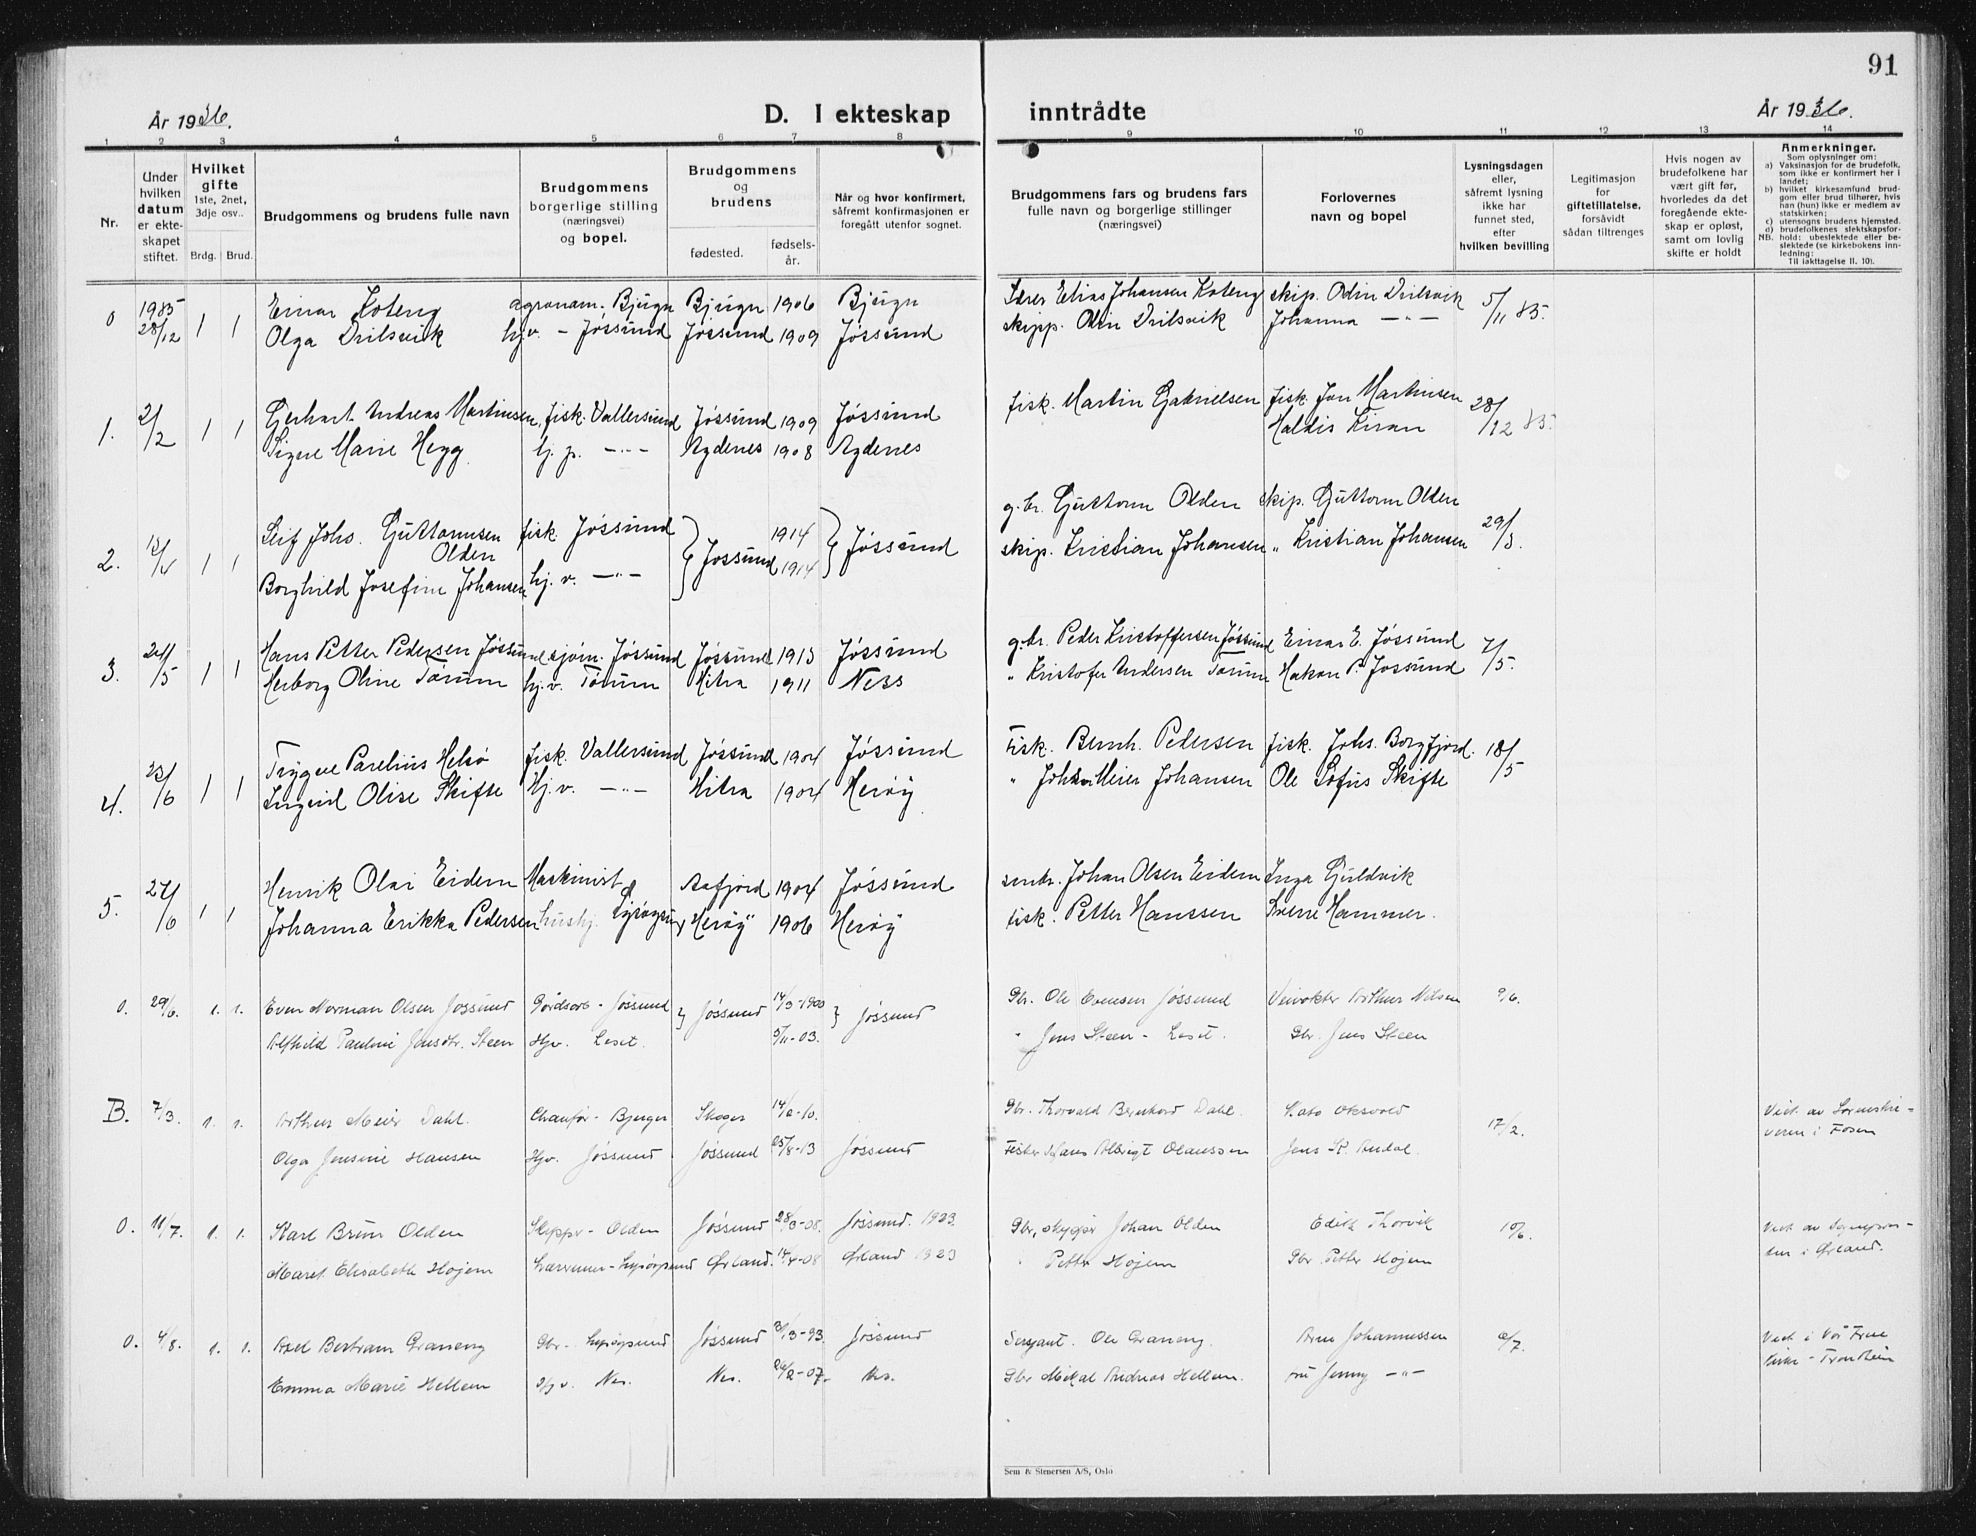 SAT, Ministerialprotokoller, klokkerbøker og fødselsregistre - Sør-Trøndelag, 654/L0667: Klokkerbok nr. 654C03, 1924-1939, s. 91